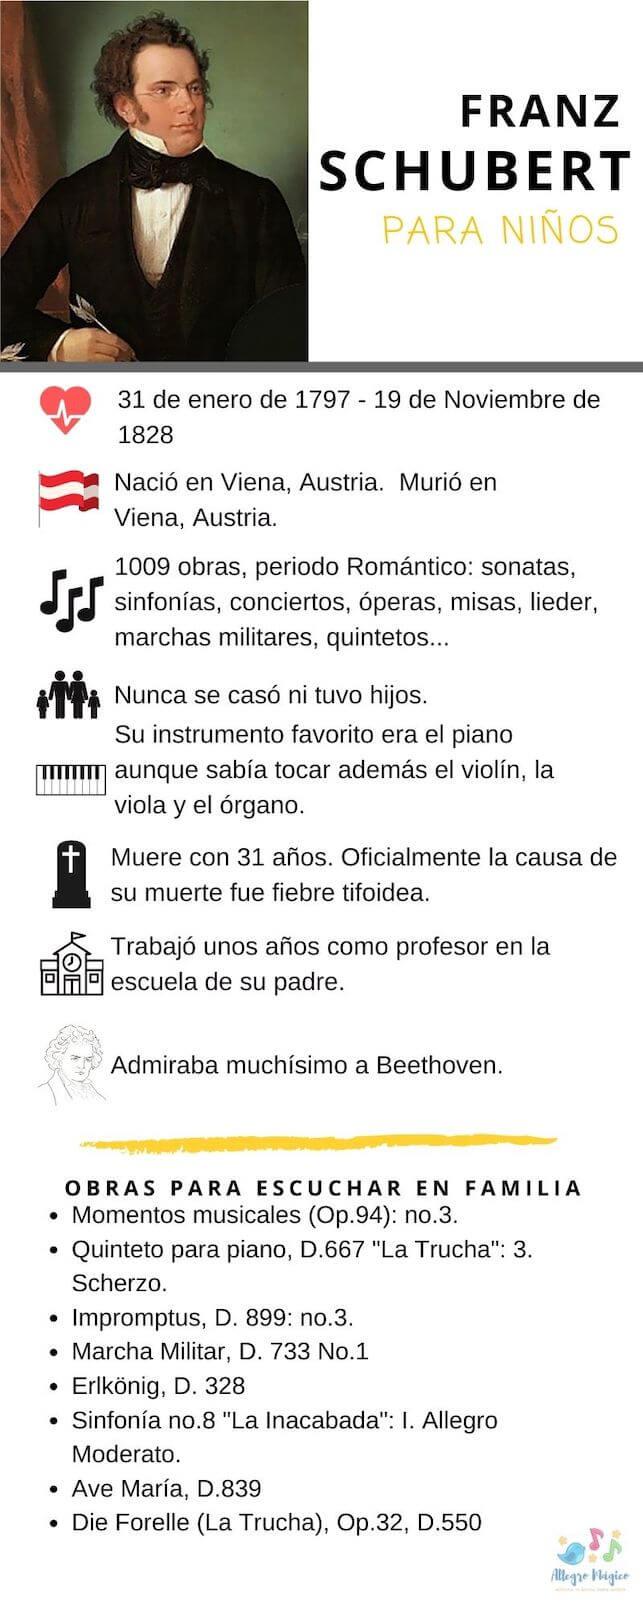 Infografía Schubert para Niños con biografía